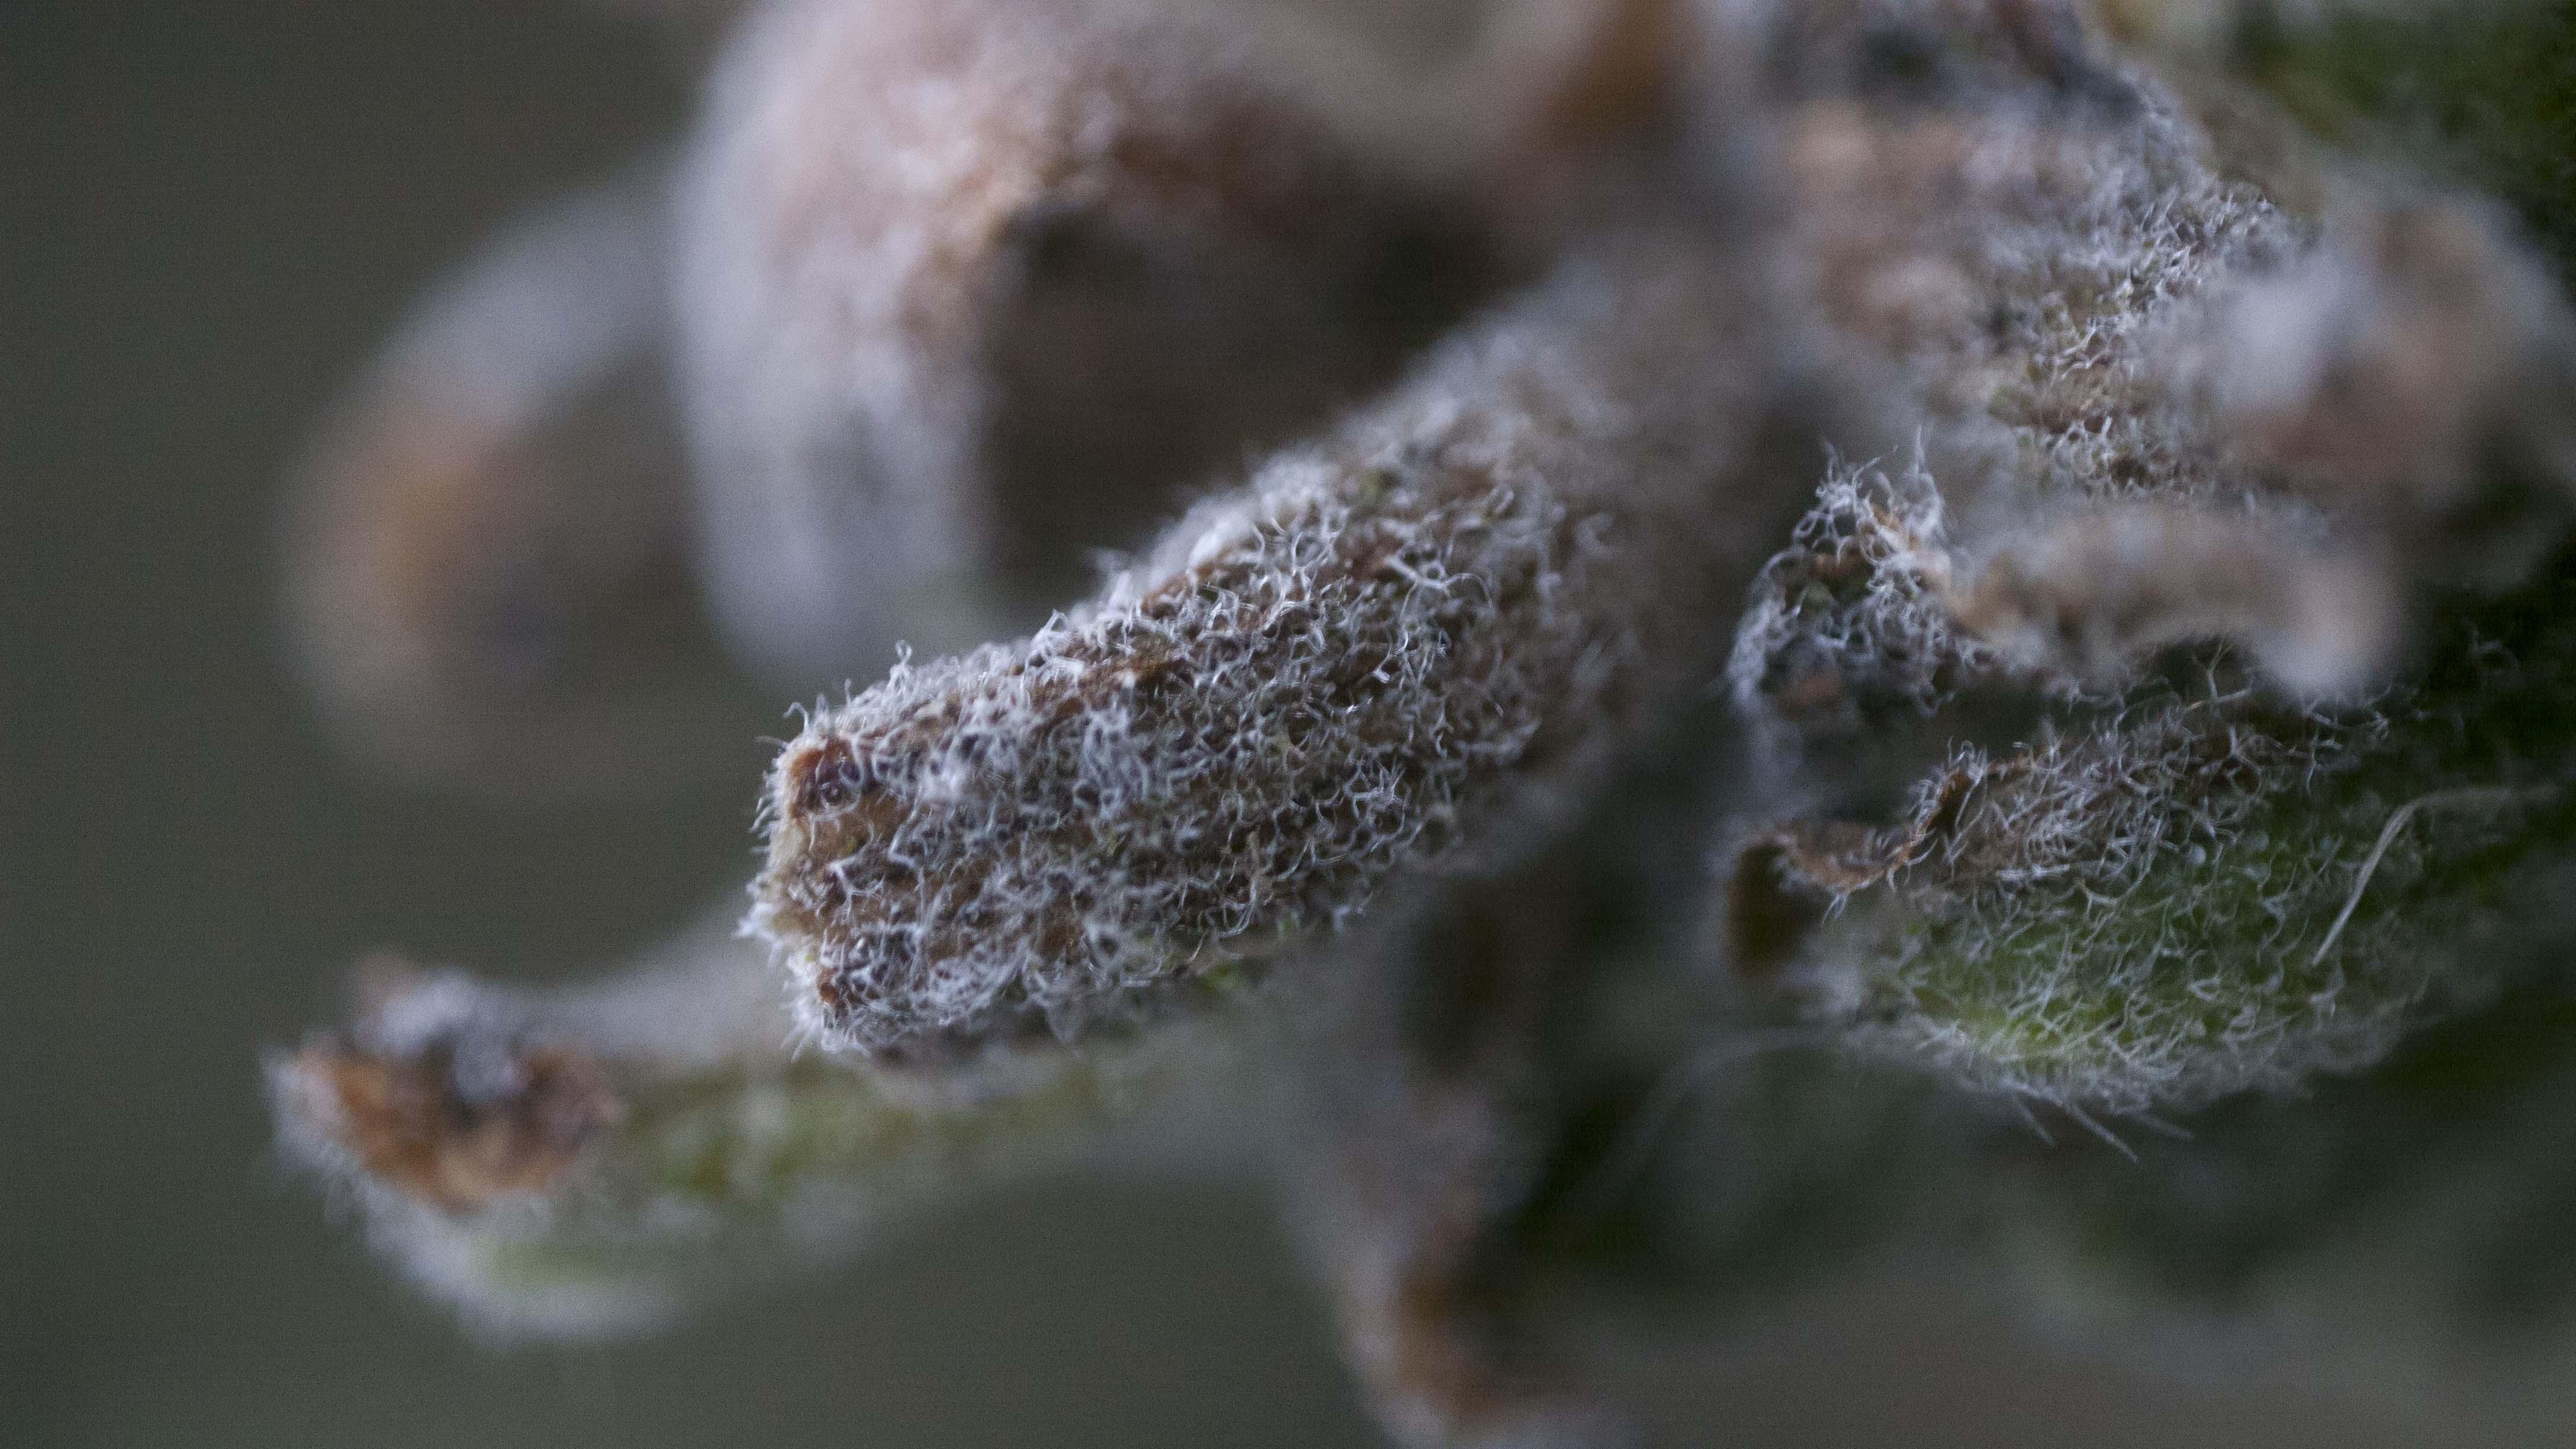 Macro Phtogography. Frozen Plants. Wales, UK.